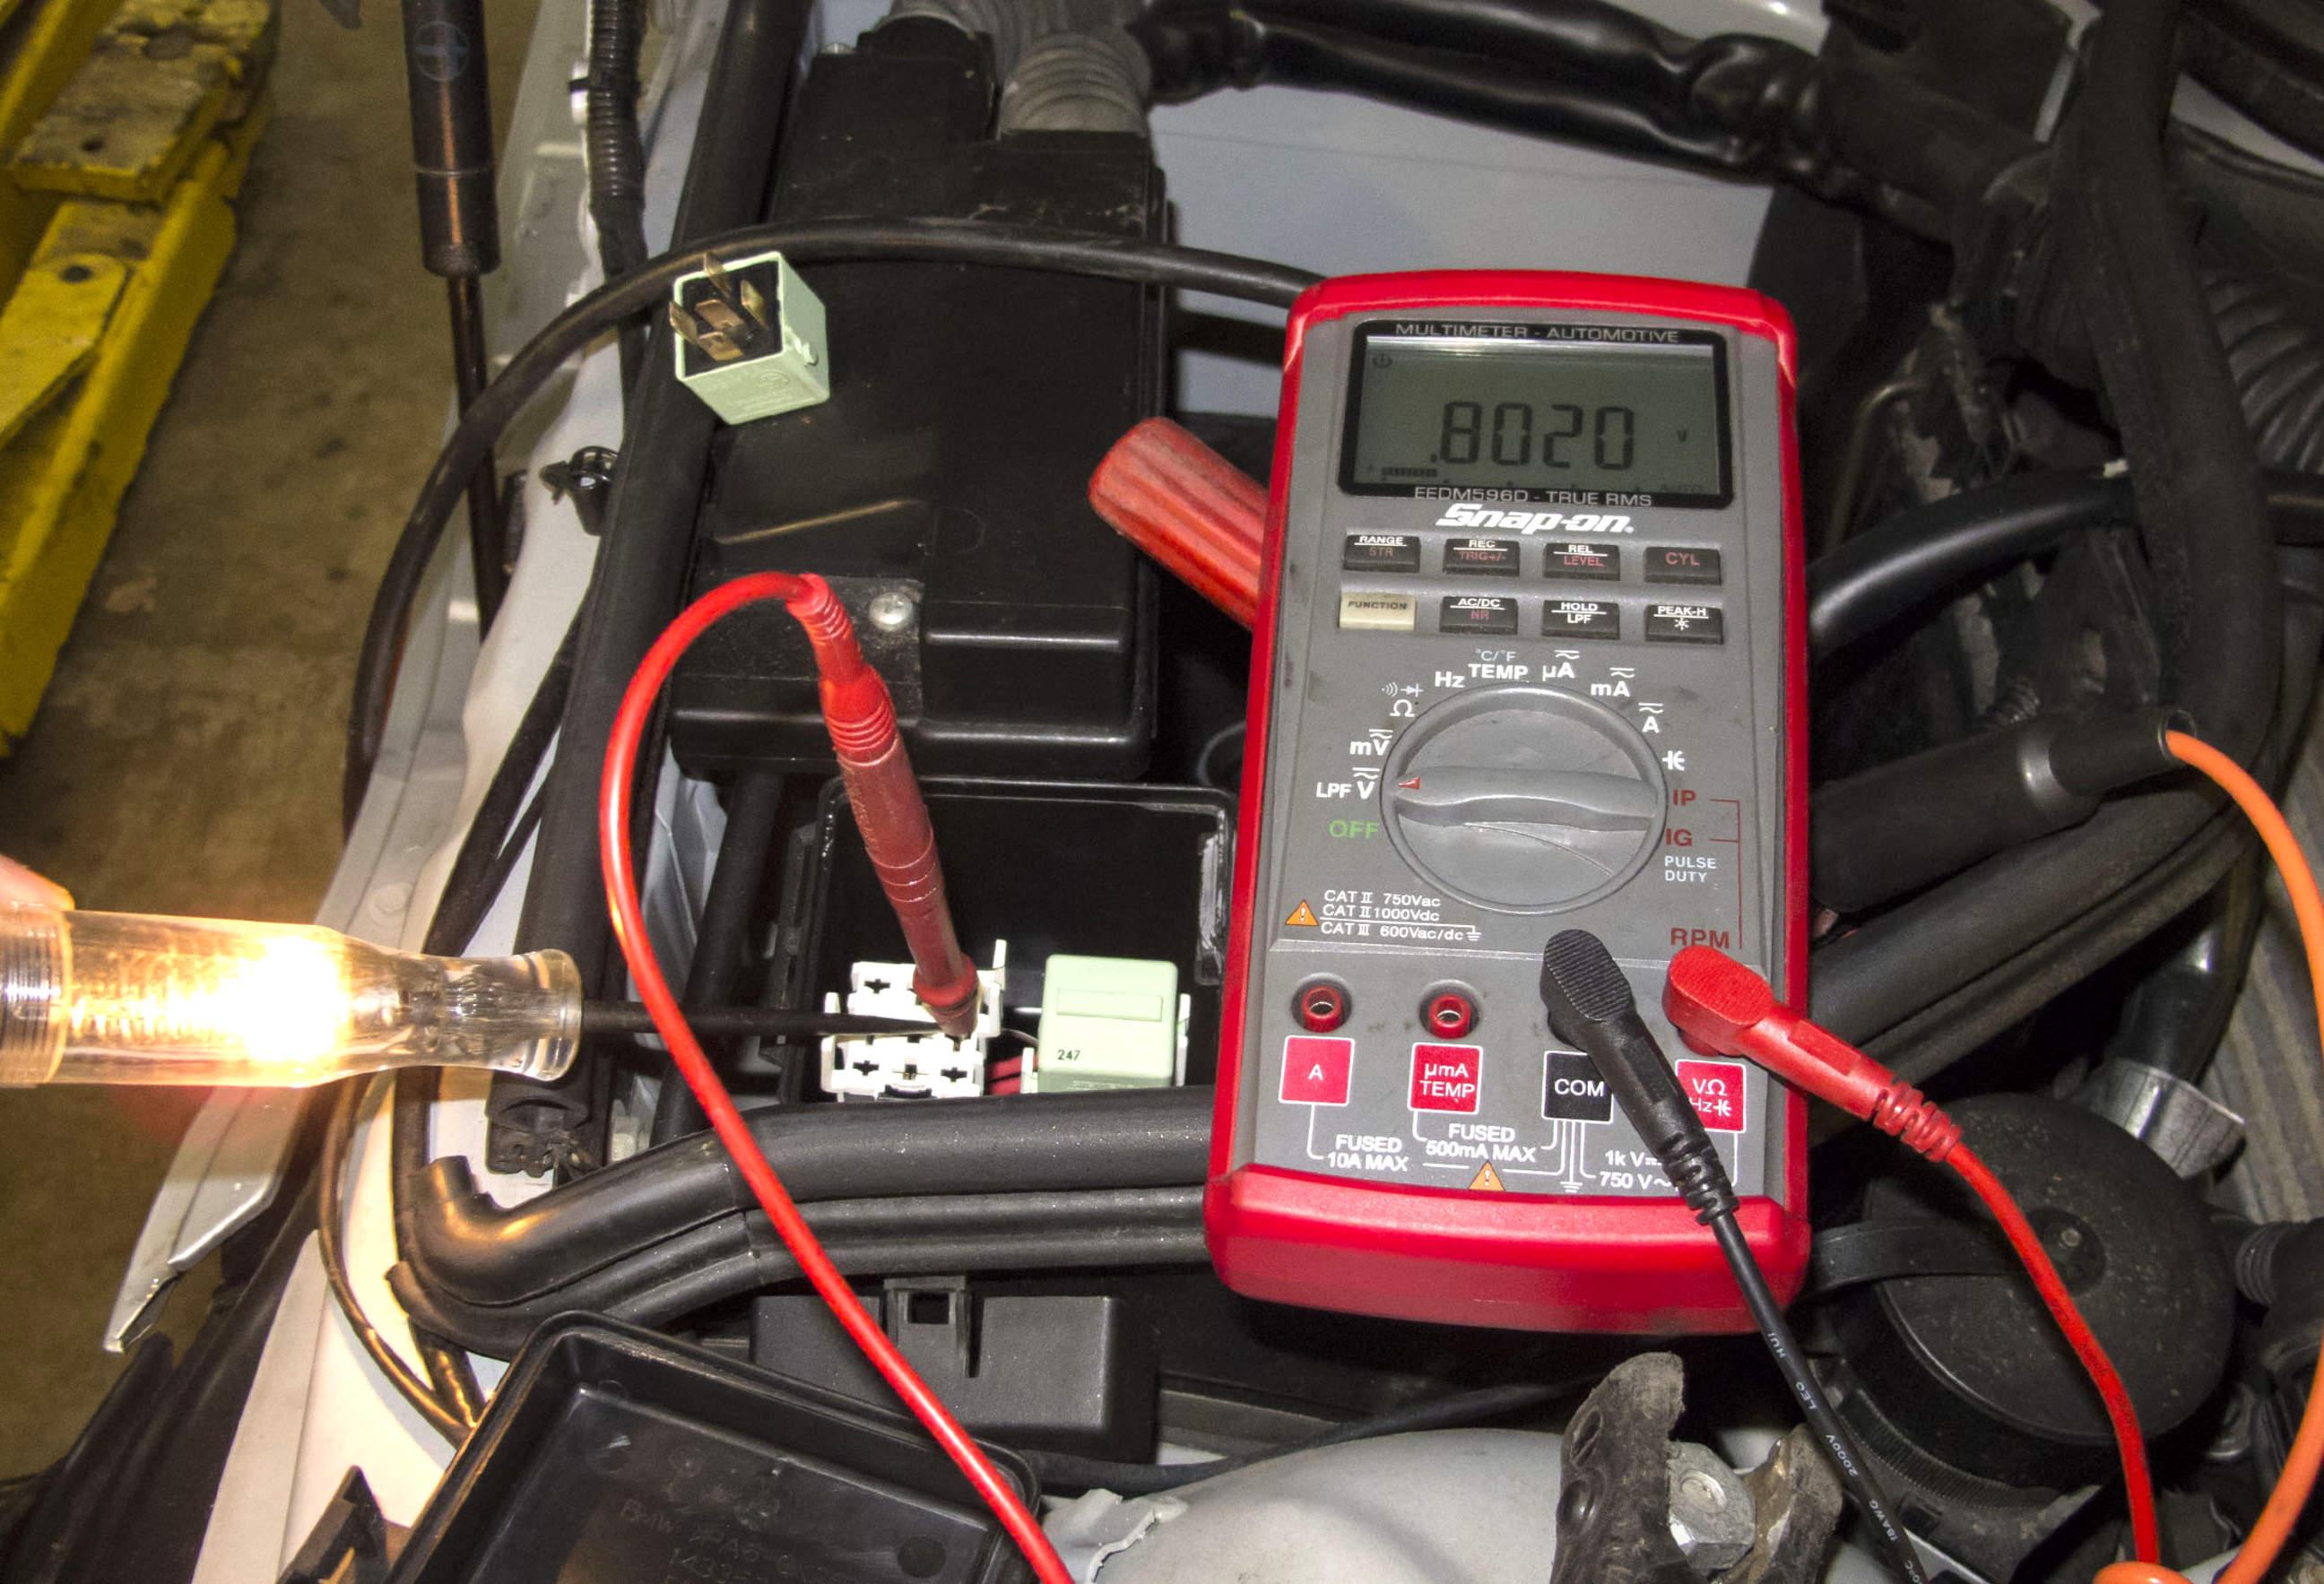 bmw m50 wiring diagram    bmw    z3 fuel injection dme relay testing 1996 2002     bmw    z3 fuel injection dme relay testing 1996 2002